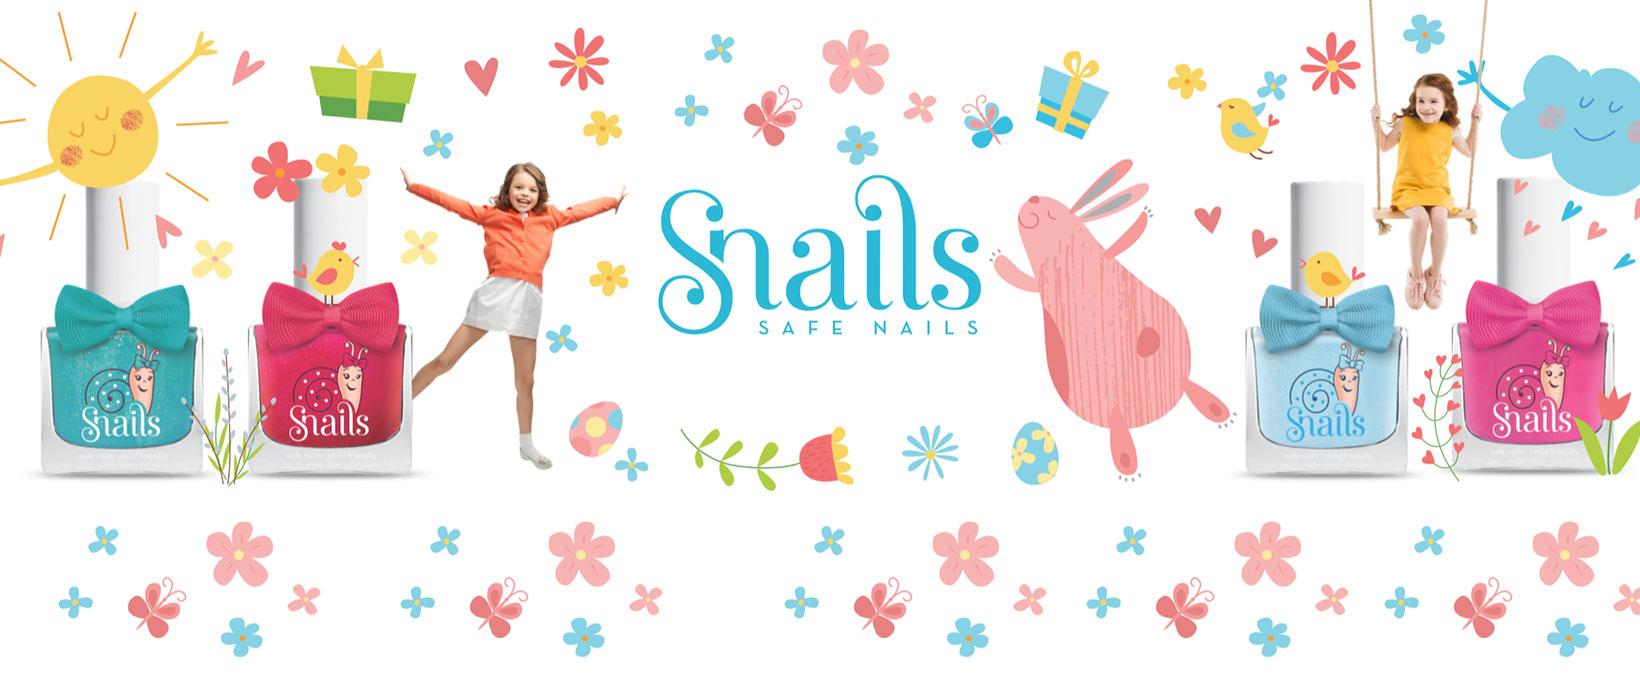 Les vernis Safe nails à l'eau pour les petites coquettes !